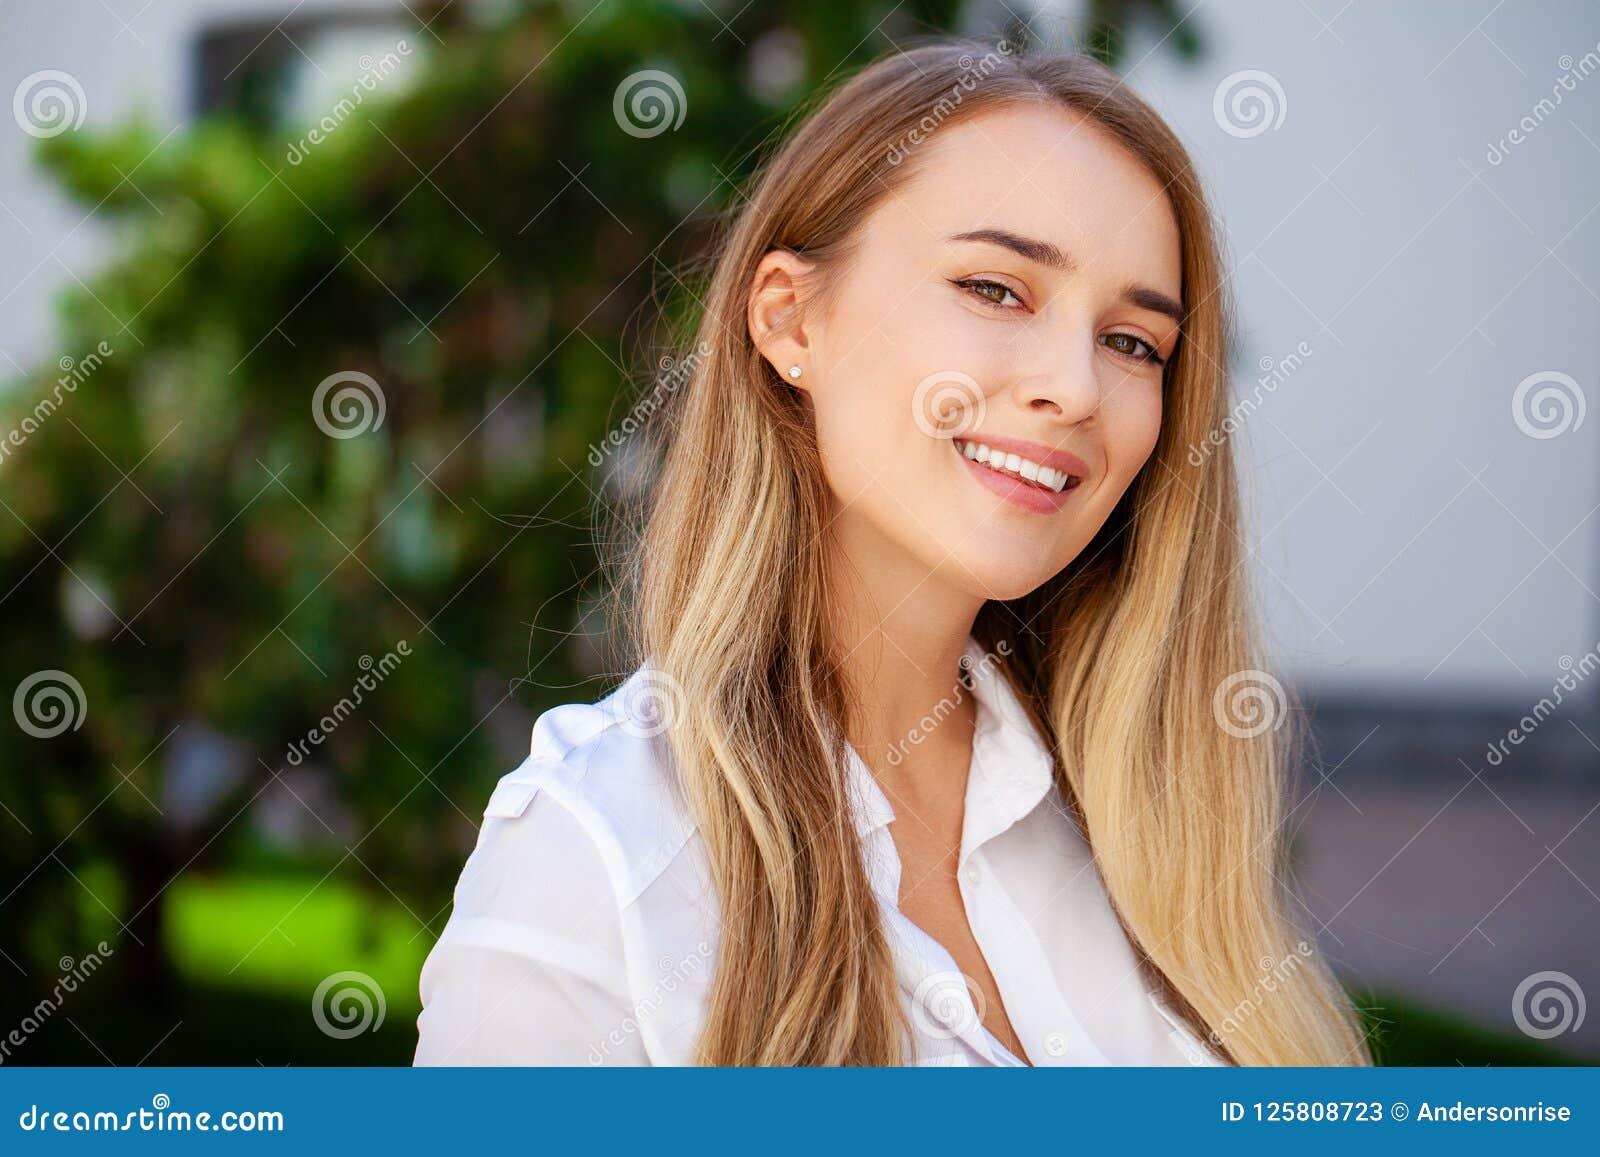 Curvy secretary long hair asian